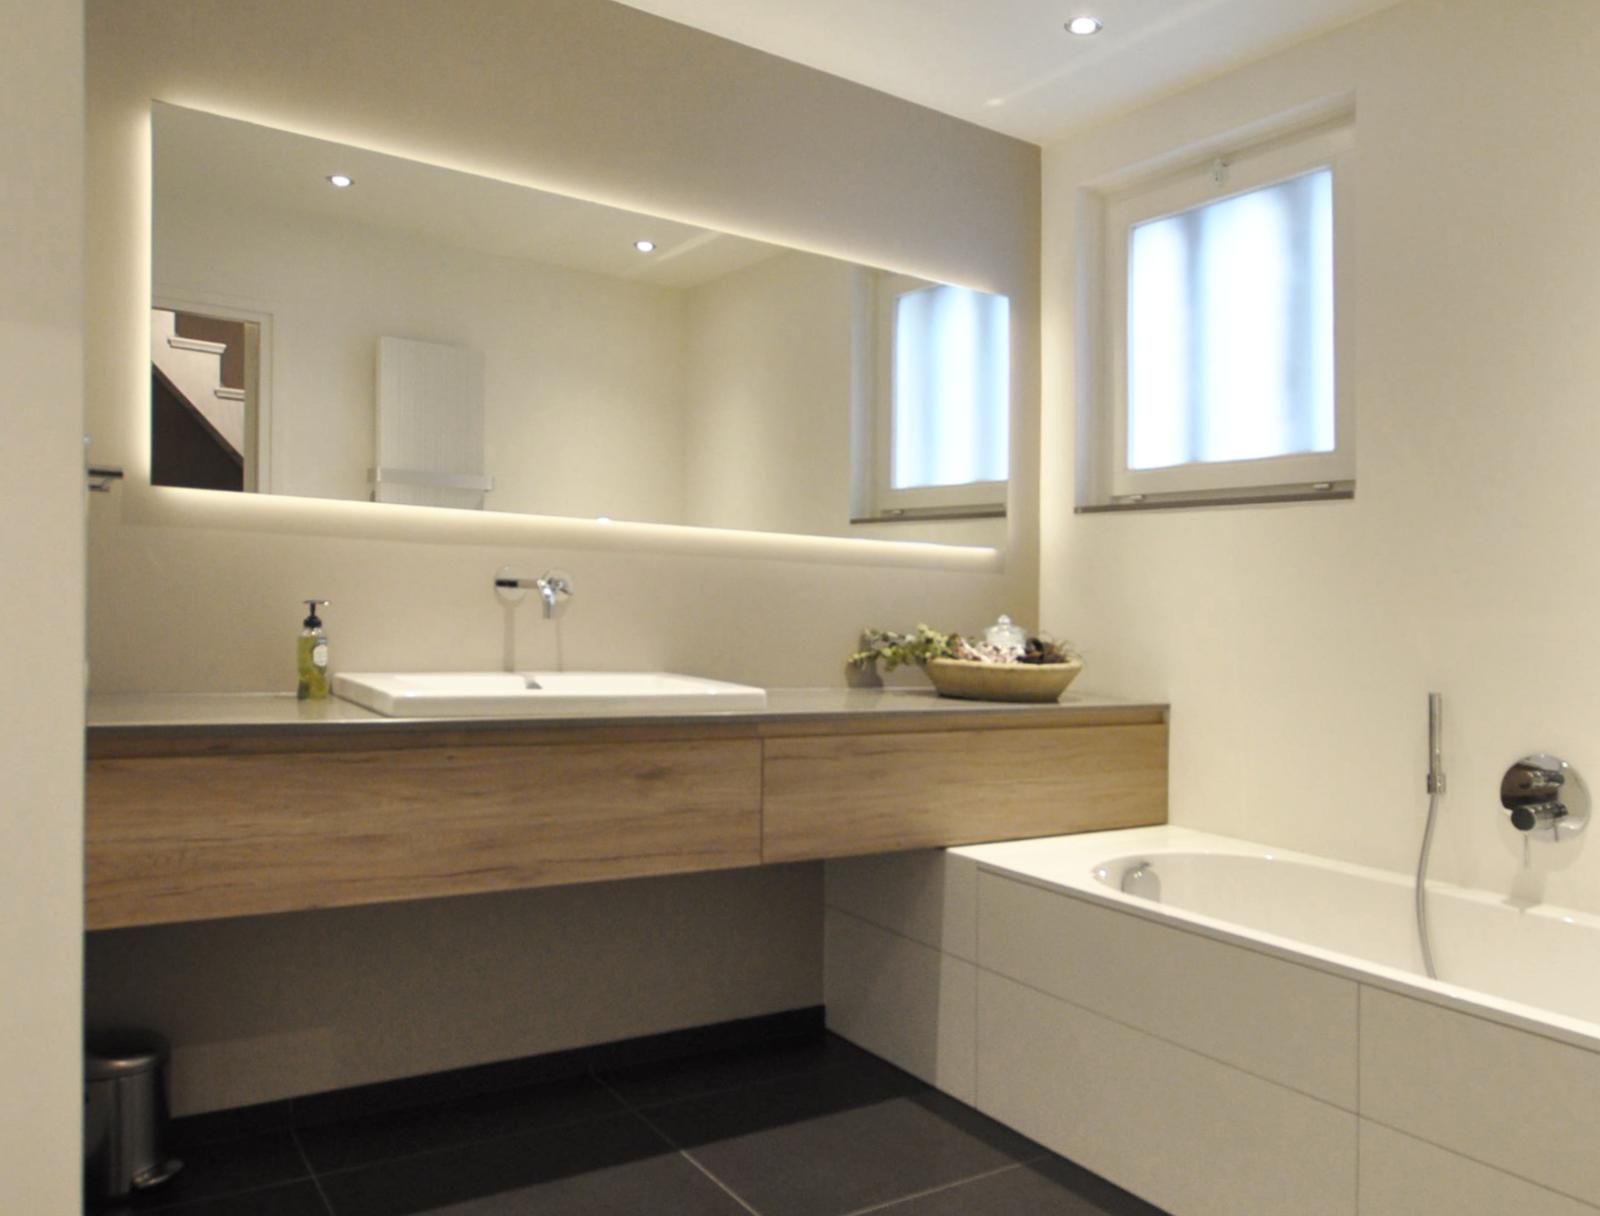 Badkamer | Vrijken Schilderwerken